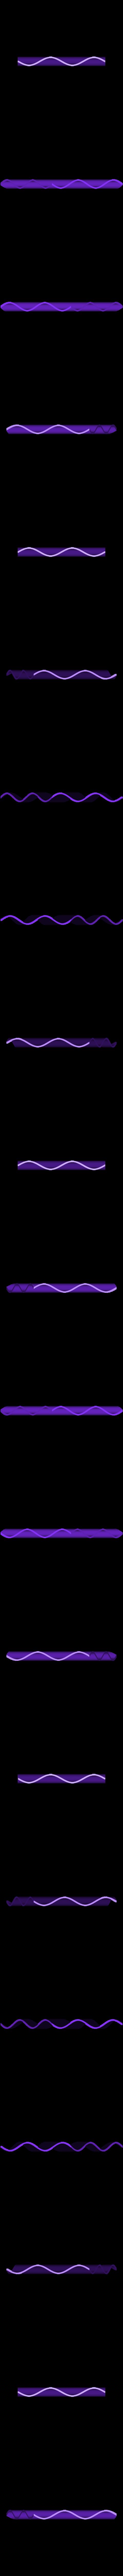 sine_wave_desk_tidy.stl Télécharger fichier STL gratuit WAVE bureau rangé collection • Design à imprimer en 3D, tone001